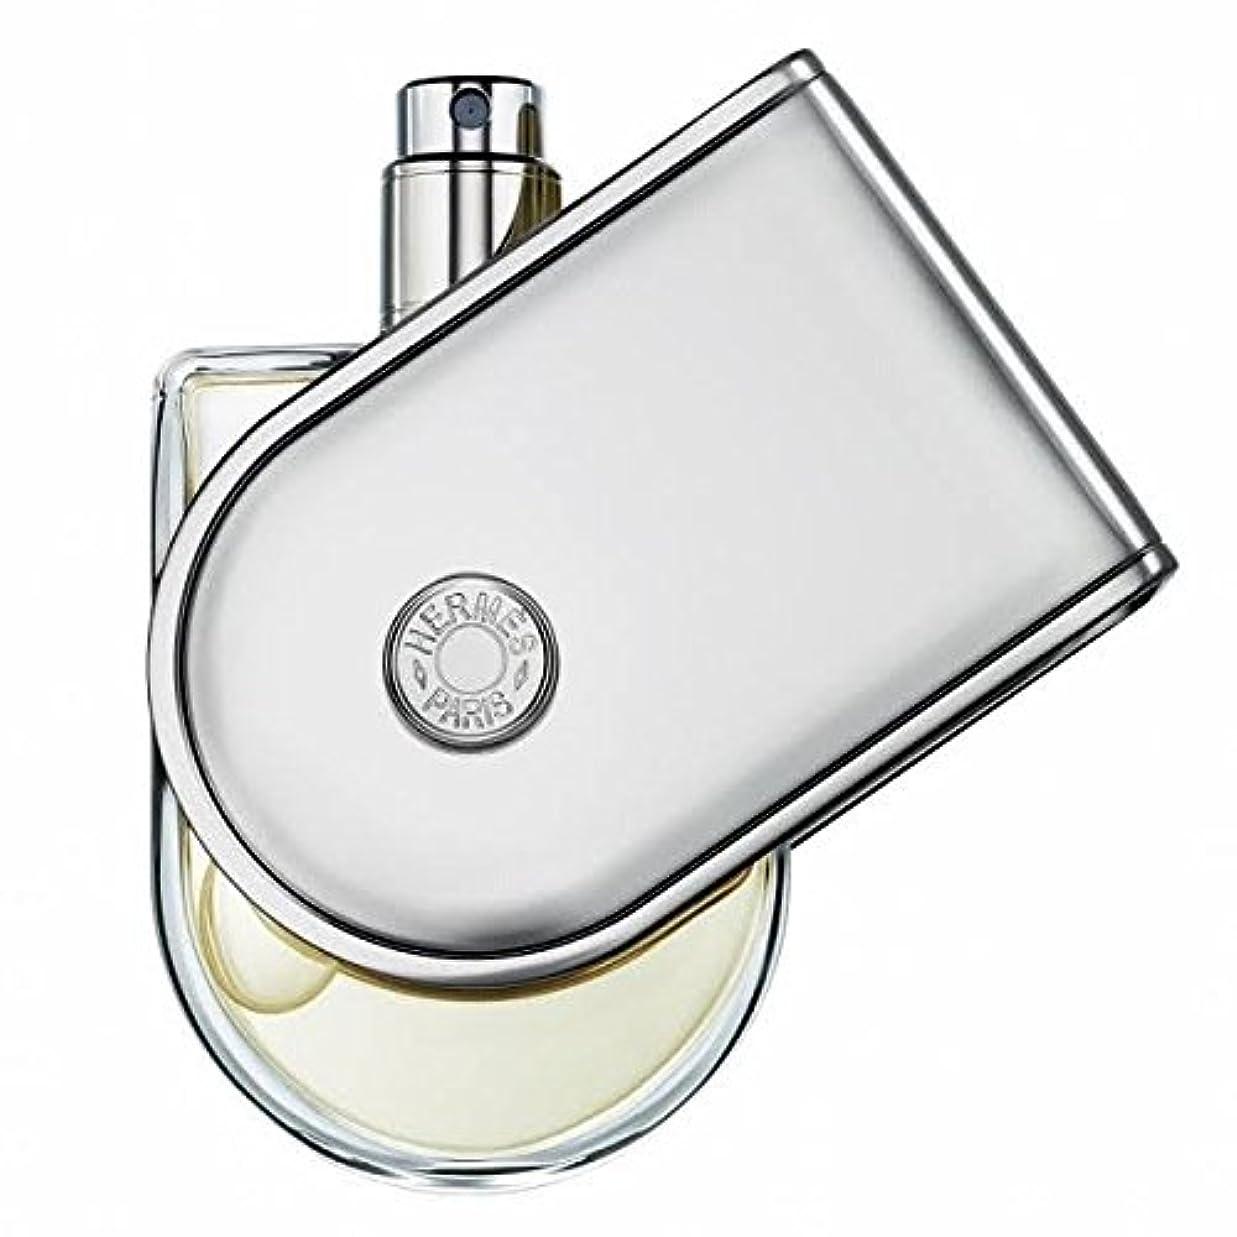 郊外いたずらな審判エルメス ヴォヤージュ ドゥ エルメス オードトワレ EDT ナチュラルスプレー 35mL 香水